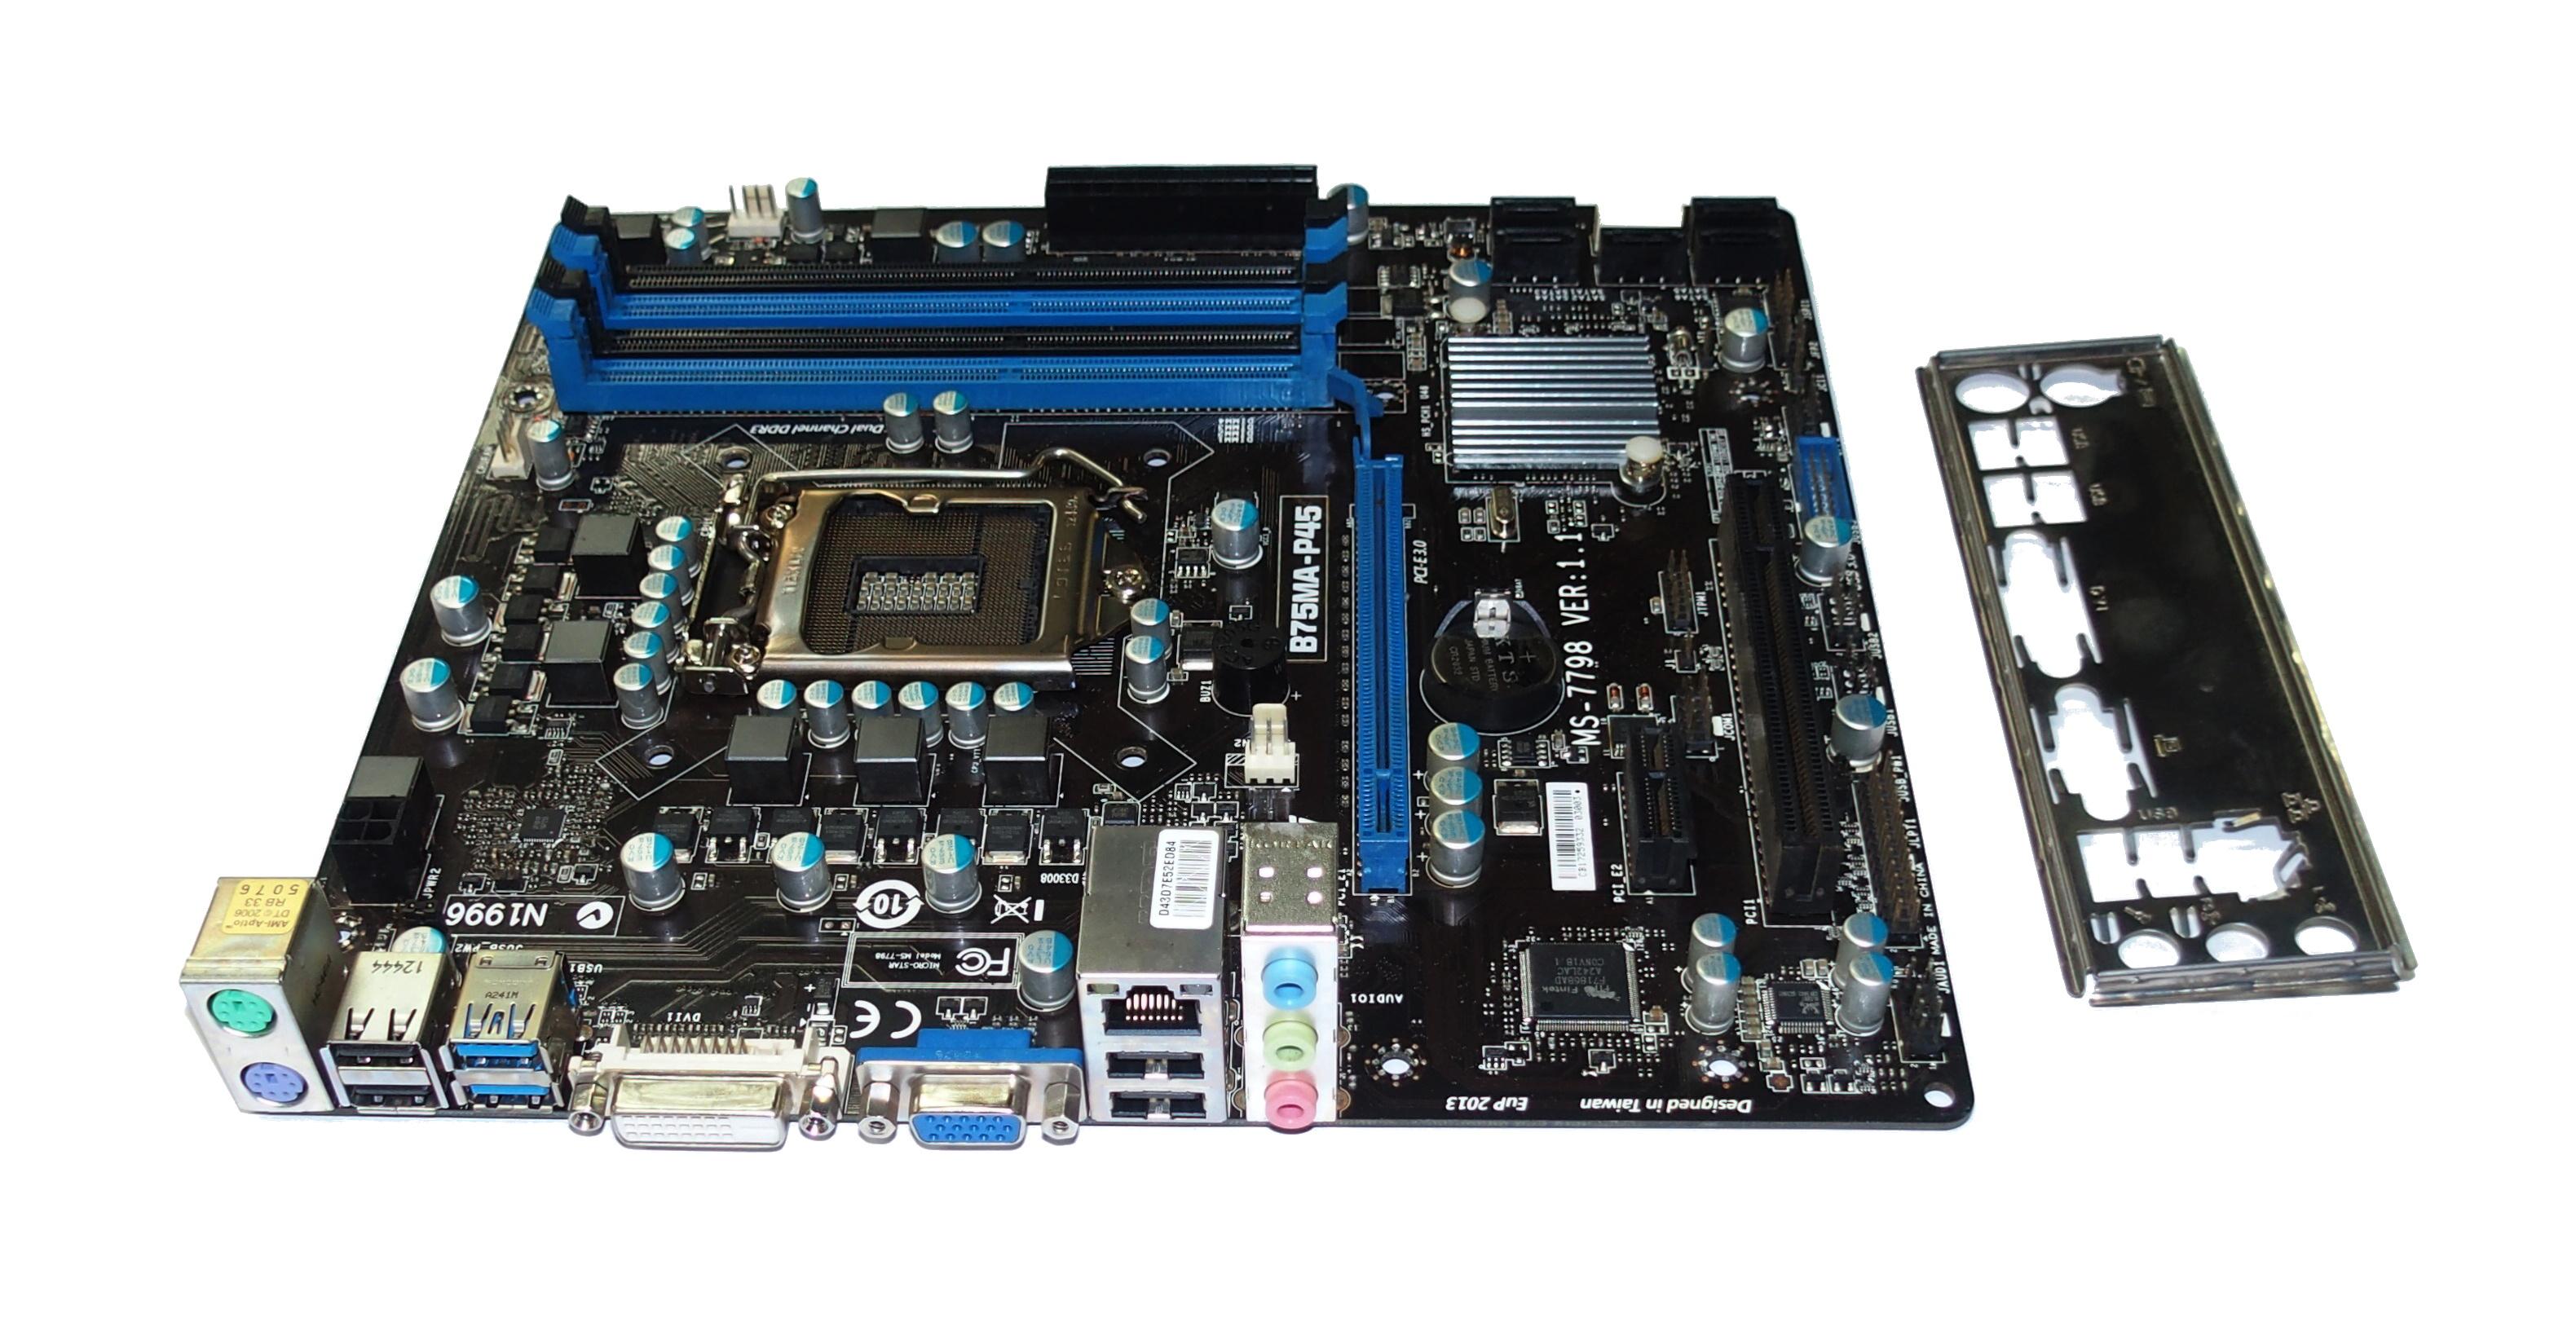 MSI B75MA-P45 MS-7798 Ver 1.1 USB 3.0 Socket 1155 M-ATX MB Motherboard